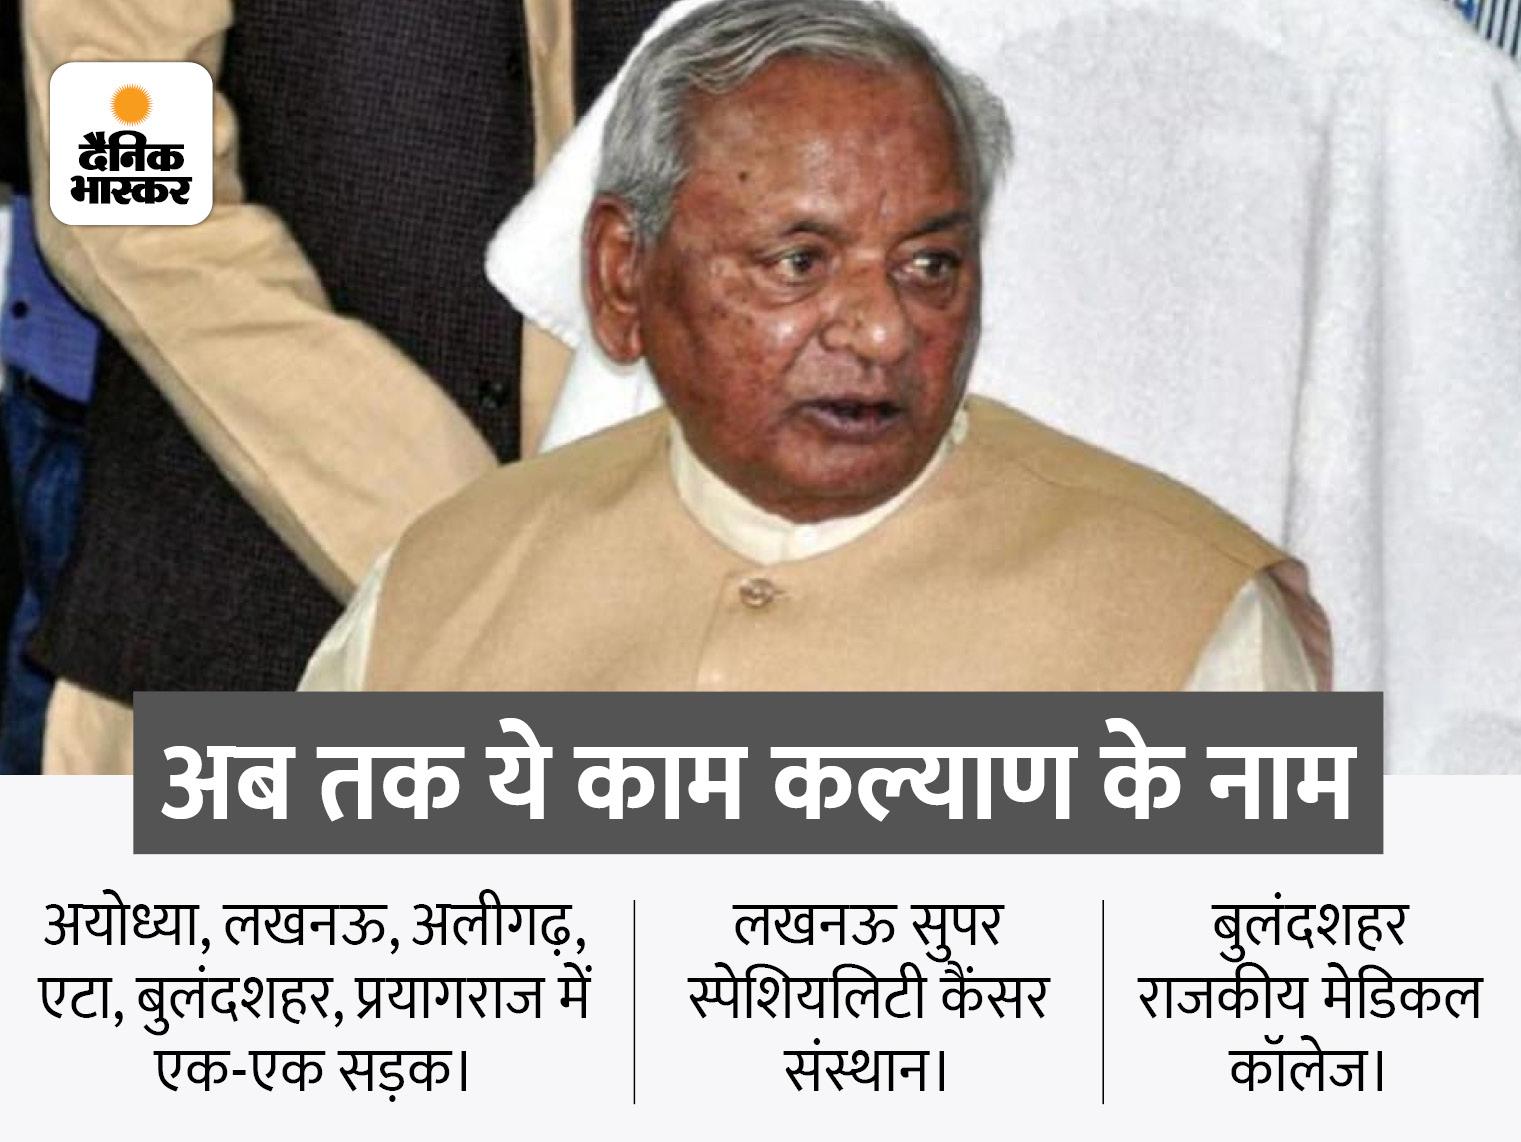 कल्याण सिंह के नाम होगा लखनऊ कैंसर संस्थान और बुलंदशहर का मेडिकल कॉलेज, CM योगी ने लिया फैसला लखनऊ,Lucknow - Dainik Bhaskar